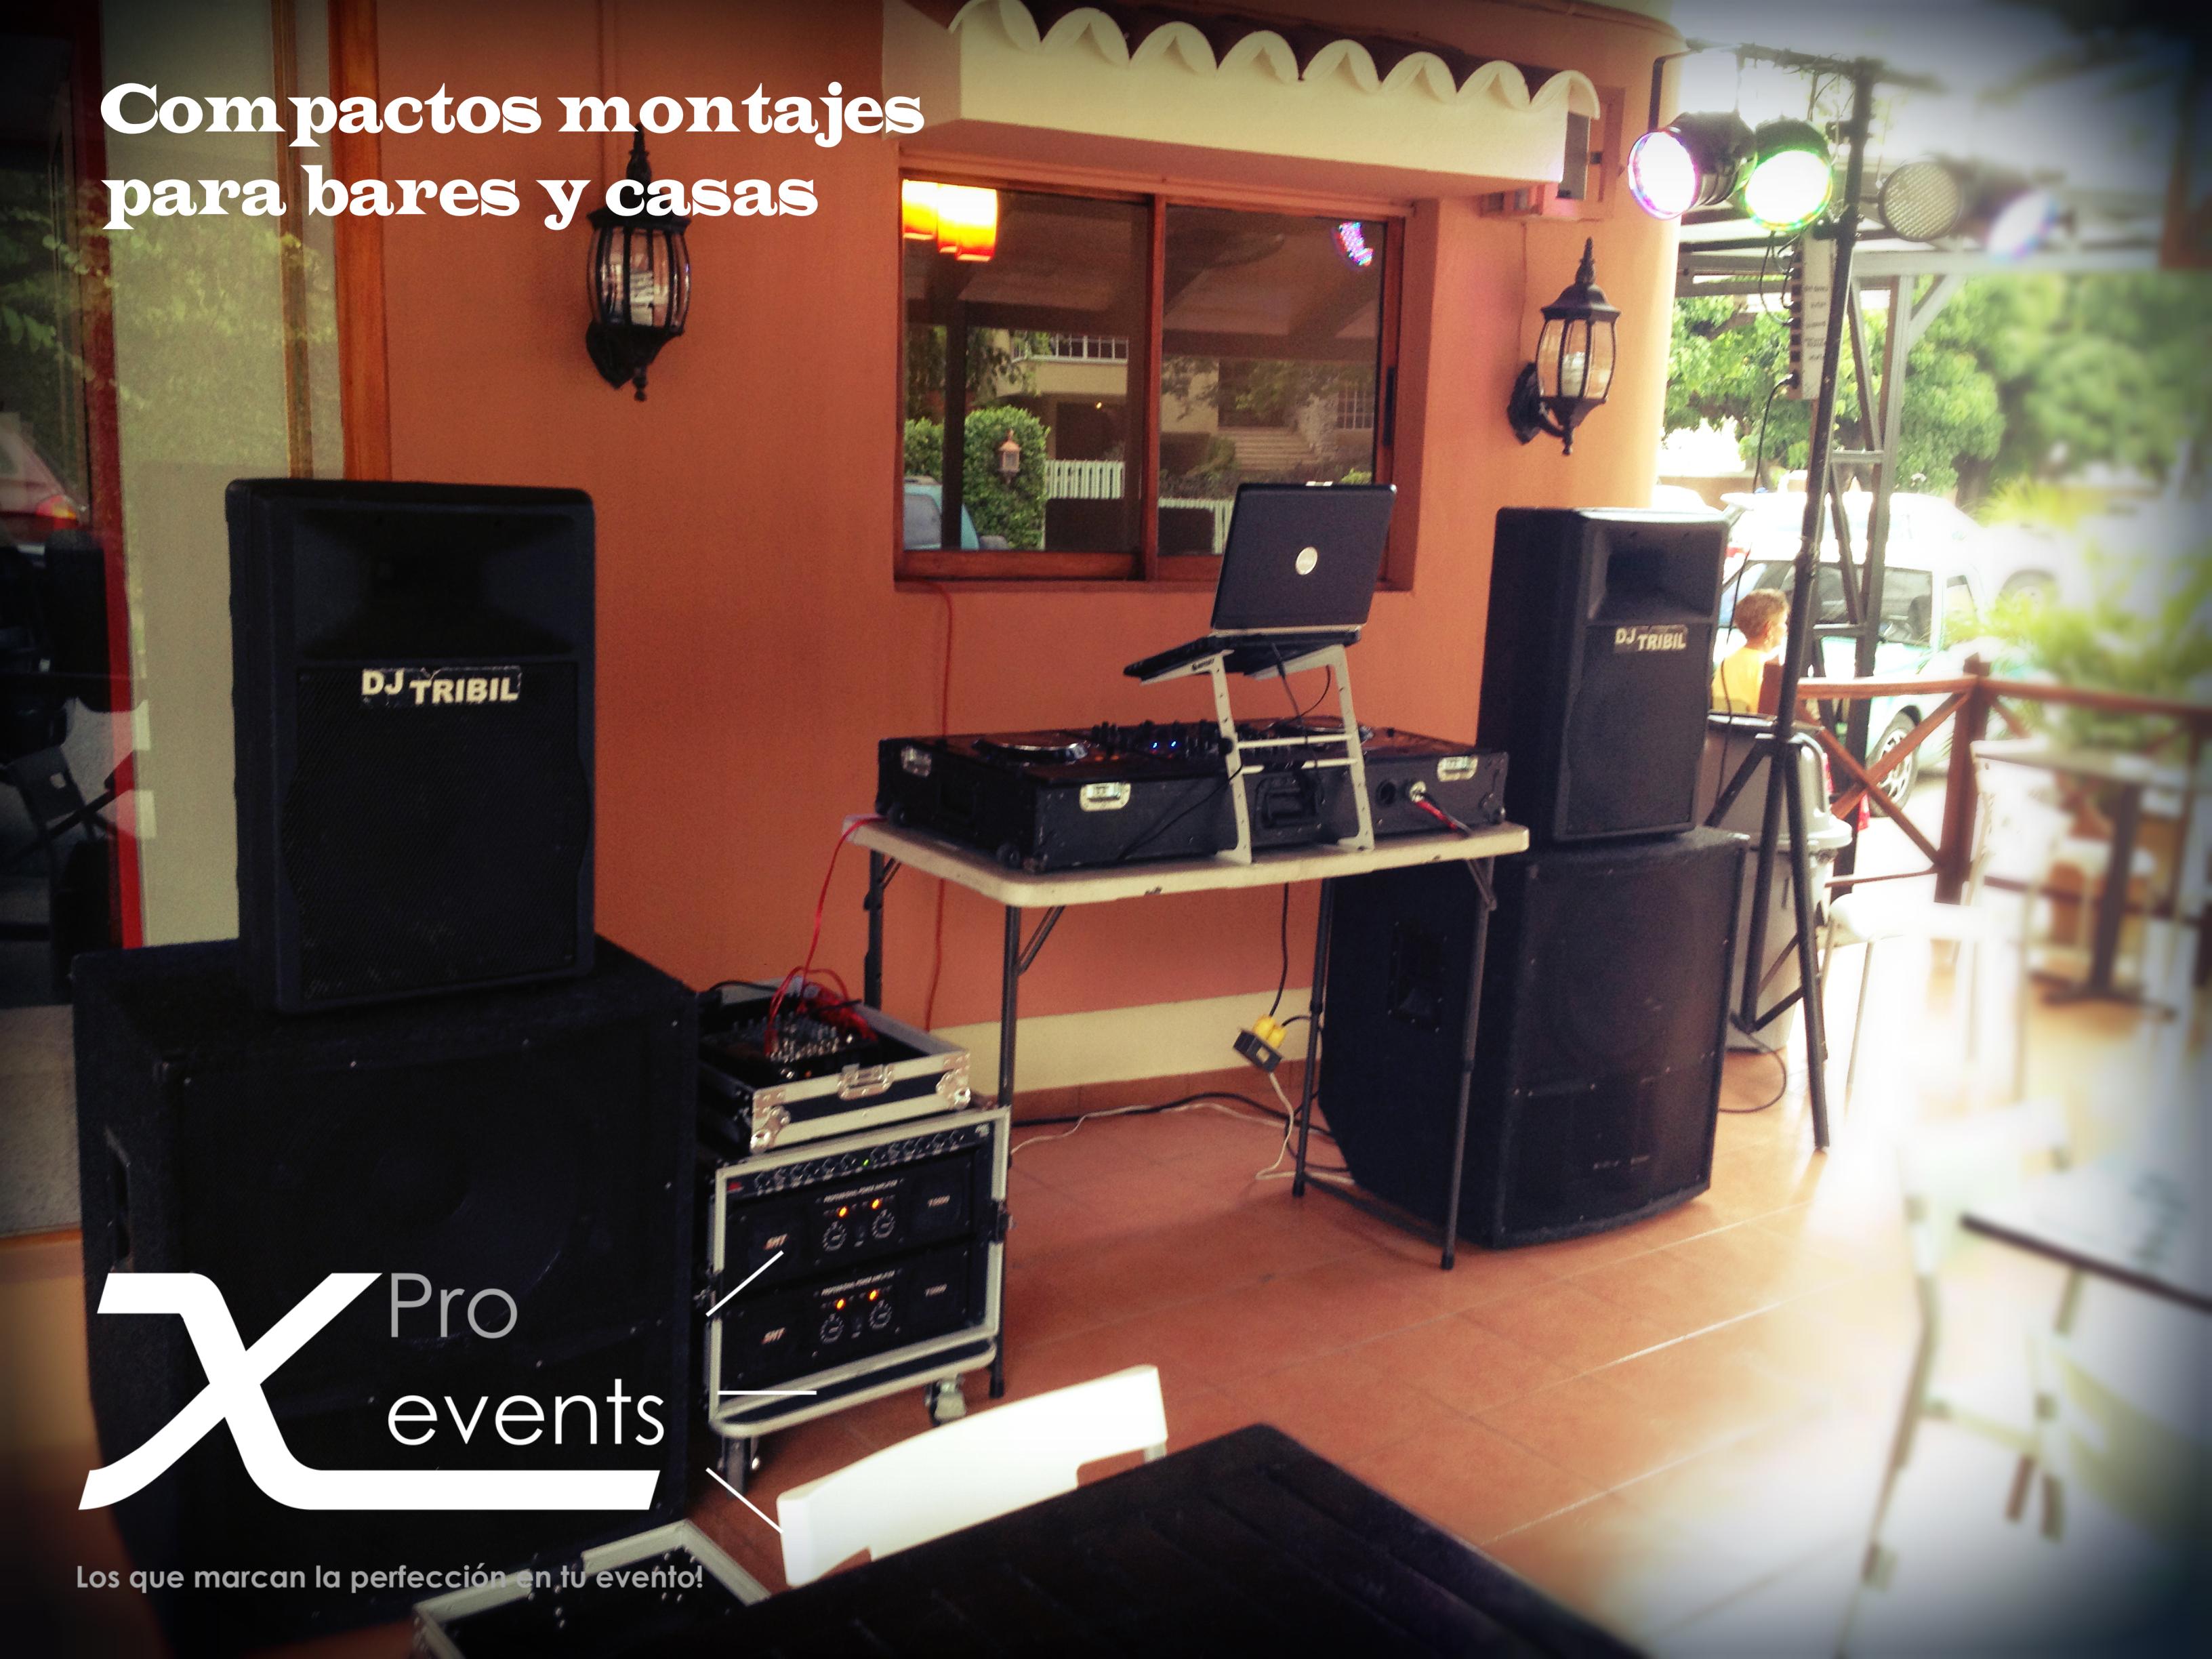 X Pro events  - 809-846-3784 - Paquetes economicos para eventos pequenos.JPG